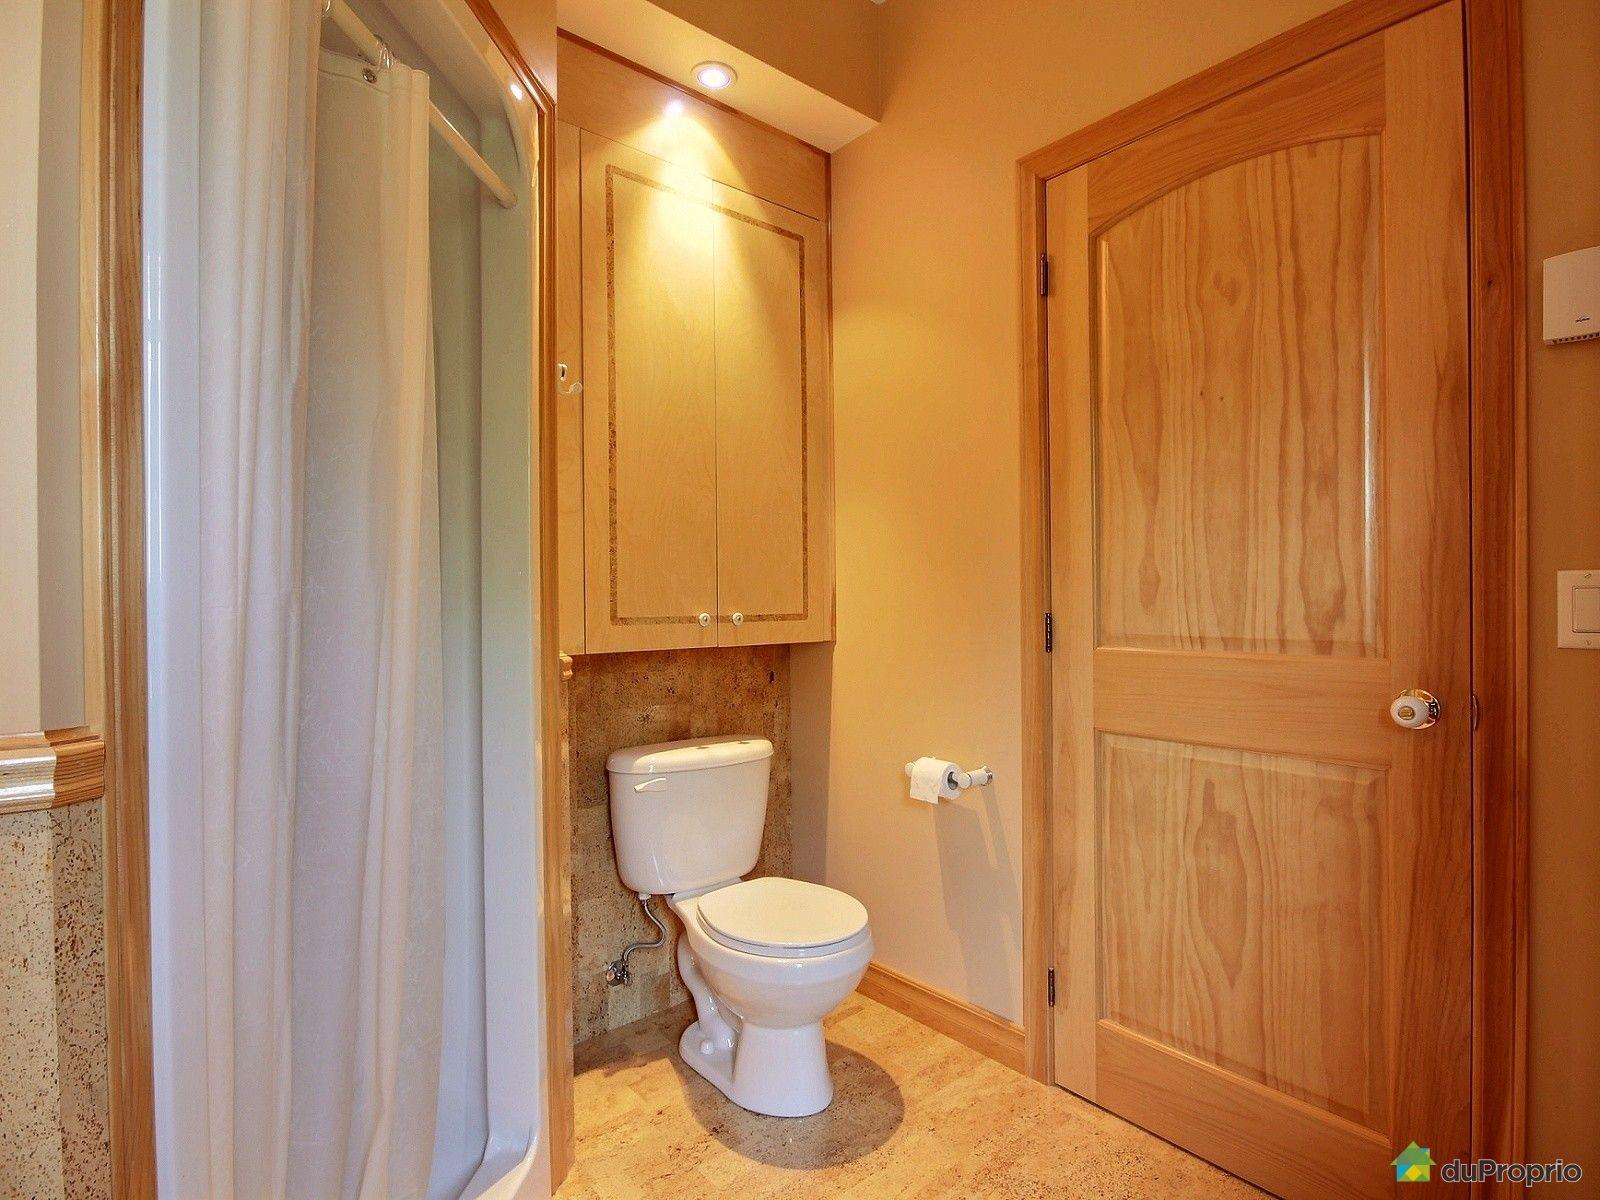 #8B3E12 Maison à Vendre St Sauveur 36 Chemin De La Calaca  2721 petite salle de bain feng shui 1600x1200 px @ aertt.com